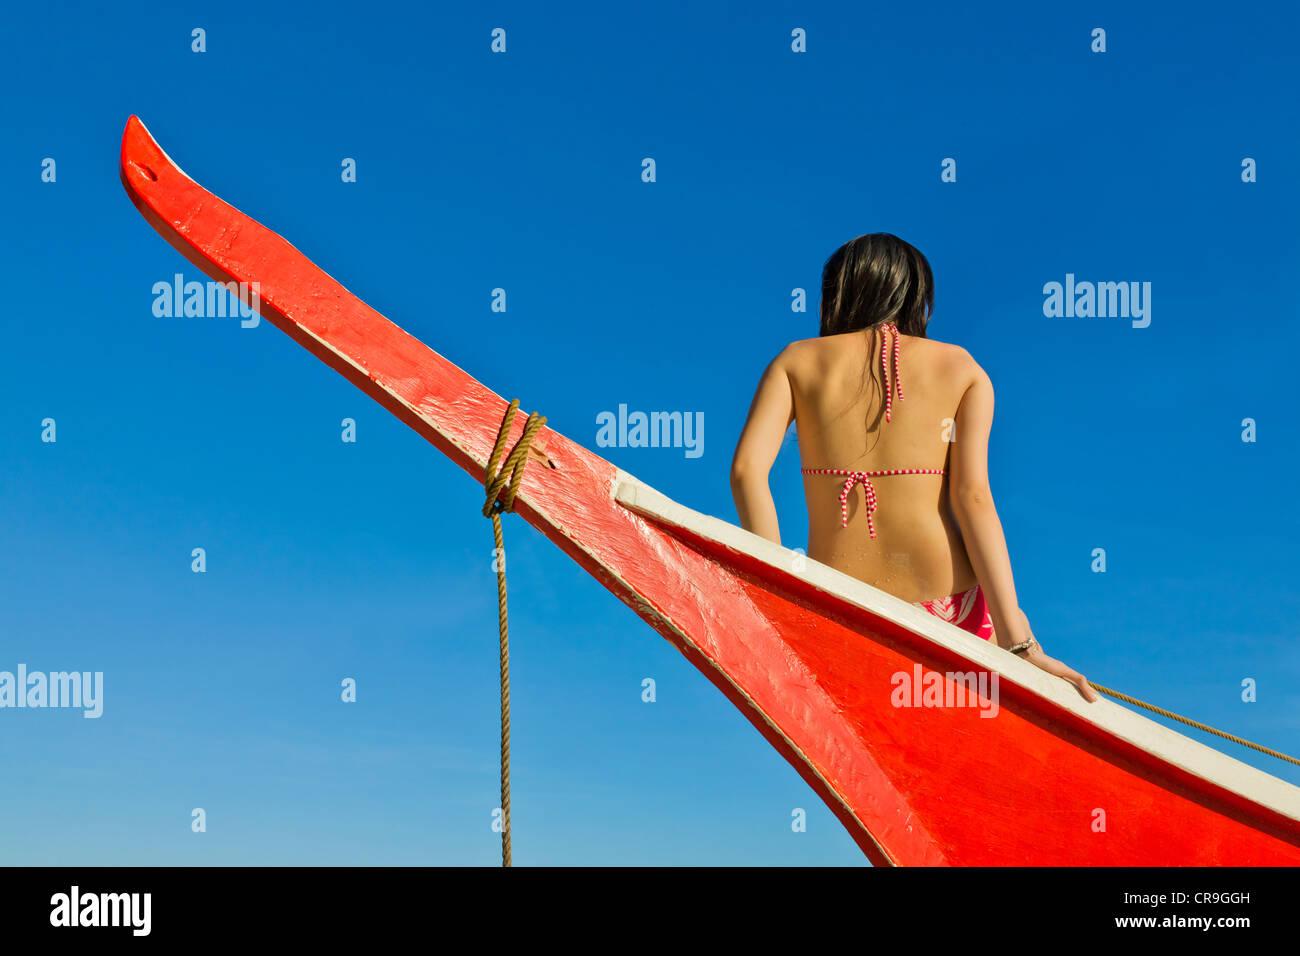 Mulher sentada no barco pintados a vermelho, ilha de Bohol, Filipinas Imagens de Stock